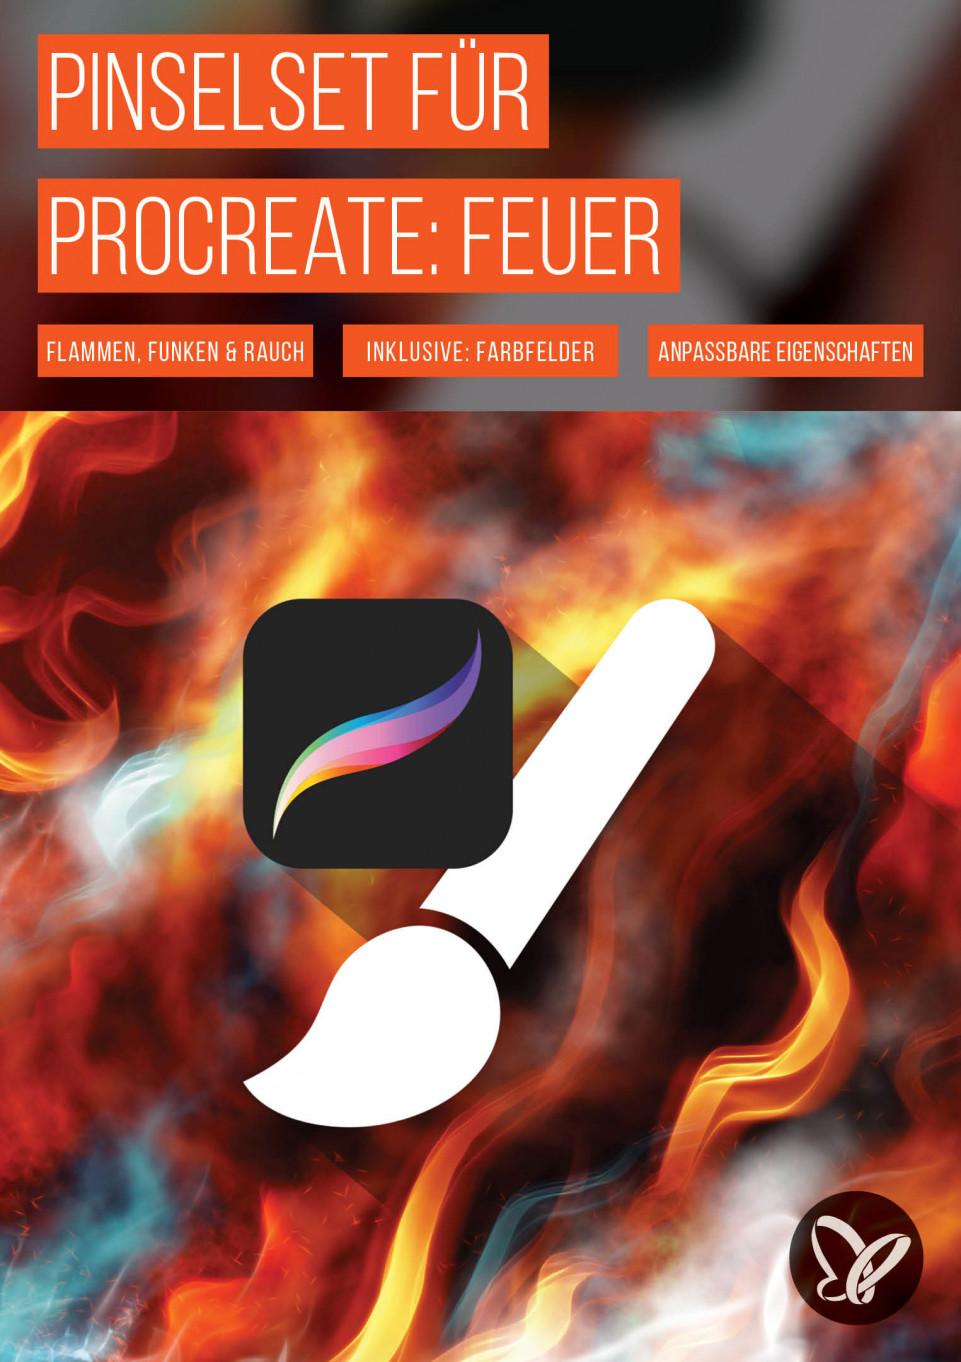 Procreate-Pinsel: Feuer, Flammen, Funken und Rauch